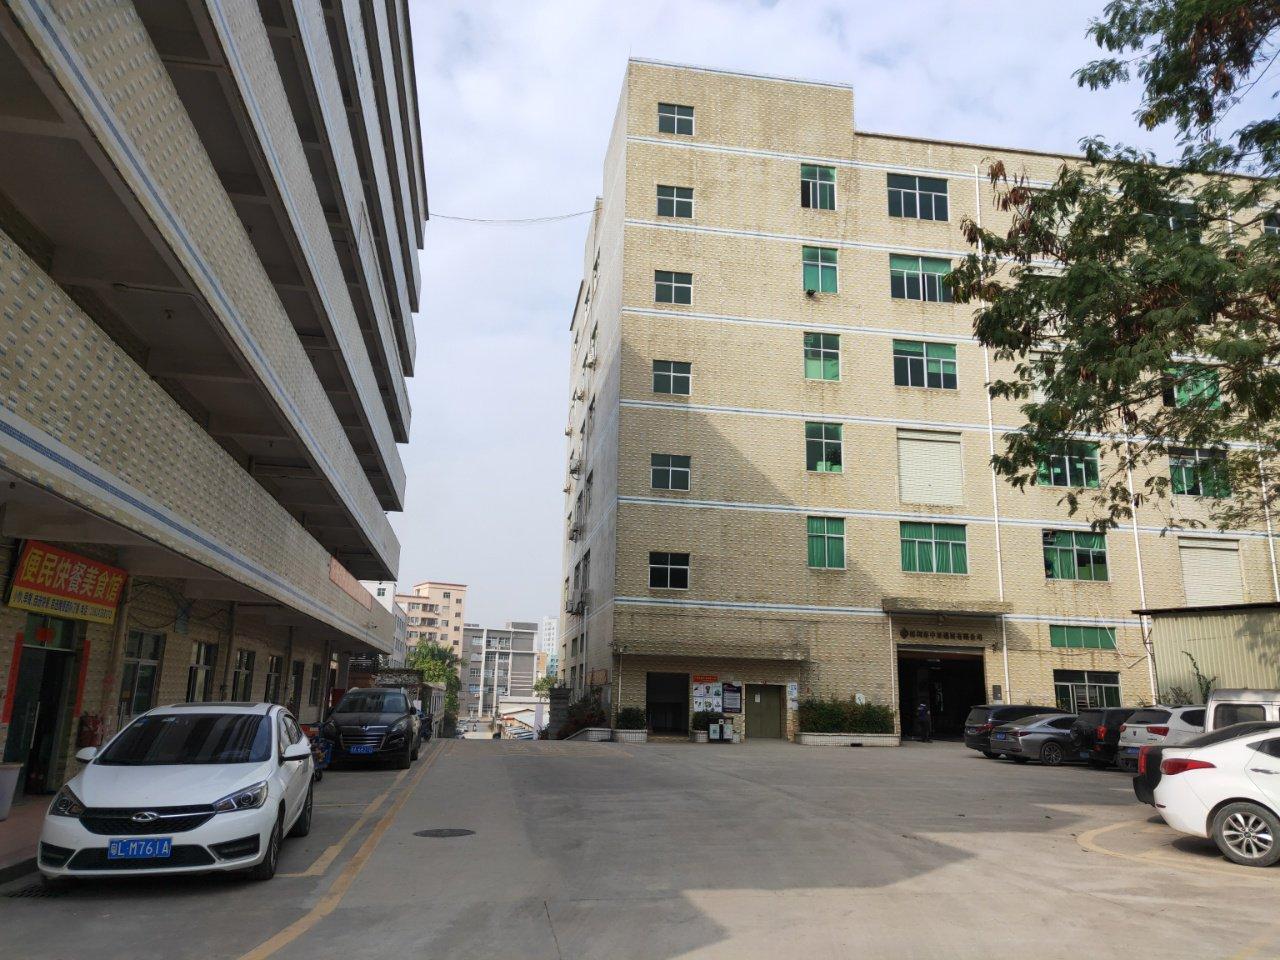 龙华新区大浪商业中心旁边新出一楼精装厂房仓库1200平,